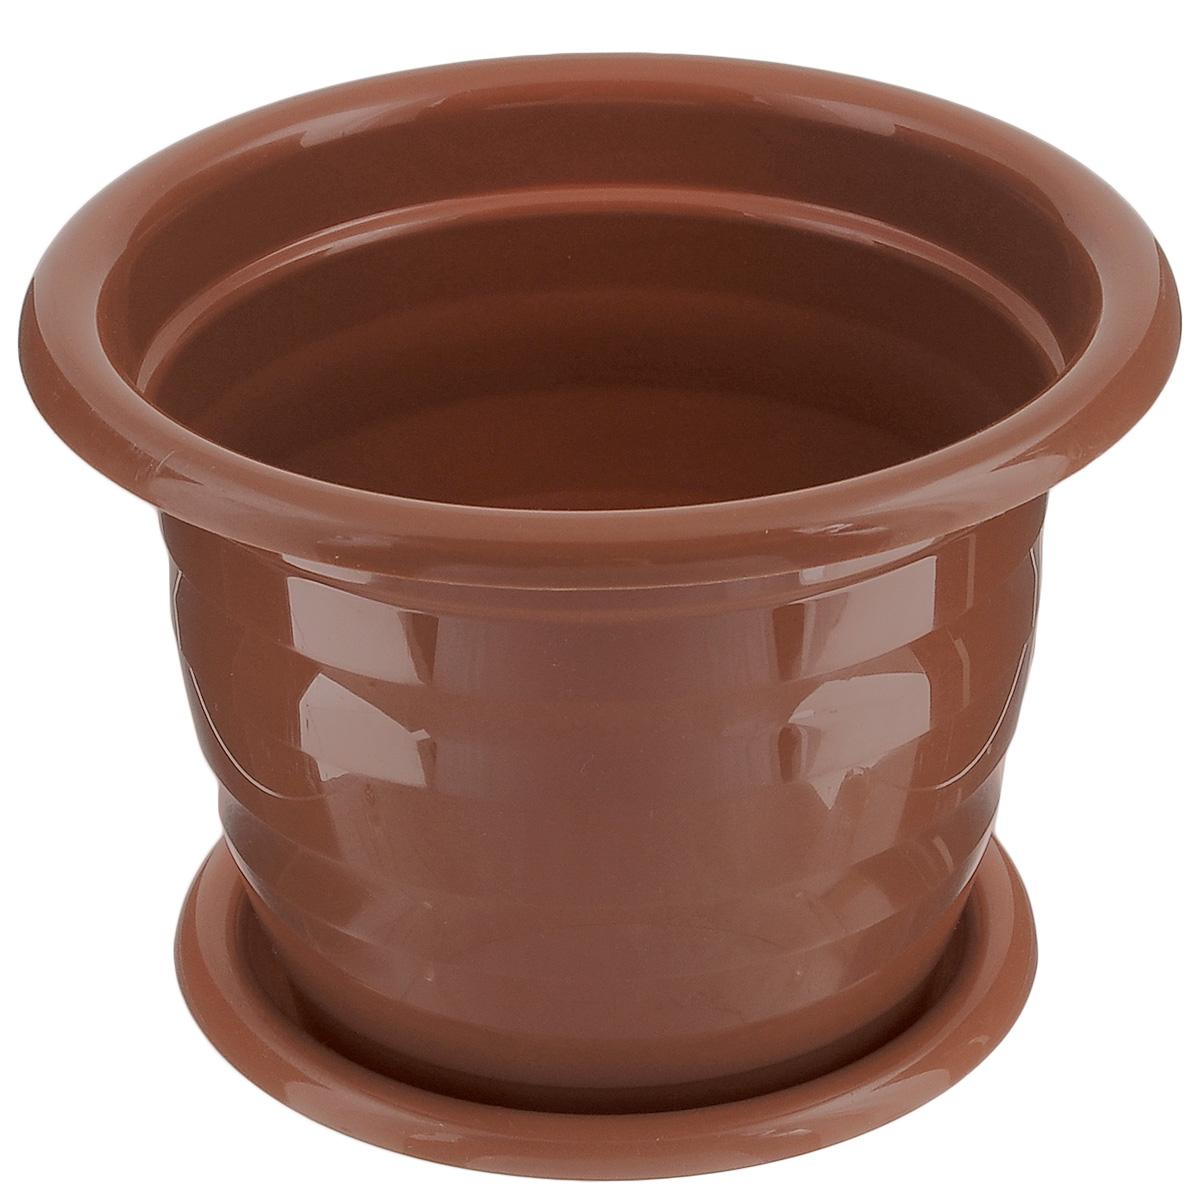 Горшок для цветов Альтернатива Виола, с поддоном, цвет: коричневый, 2 л, диаметр 18 смМ1531Любой, даже самый современный и продуманный интерьер будет не завершённым без растений. Они не только очищают воздух и насыщают его кислородом, но и заметно украшают окружающее пространство. Такому полезному &laquo члену семьи&raquoпросто необходимо красивое и функциональное кашпо, оригинальный горшок или необычная ваза! Мы предлагаем - Горшок для цветов 2 л Виола, поддон, цвет коричневый!Оптимальный выбор материала &mdash &nbsp пластмасса! Почему мы так считаем? Малый вес. С лёгкостью переносите горшки и кашпо с места на место, ставьте их на столики или полки, подвешивайте под потолок, не беспокоясь о нагрузке. Простота ухода. Пластиковые изделия не нуждаются в специальных условиях хранения. Их&nbsp легко чистить &mdashдостаточно просто сполоснуть тёплой водой. Никаких царапин. Пластиковые кашпо не царапают и не загрязняют поверхности, на которых стоят. Пластик дольше хранит влагу, а значит &mdashрастение реже нуждается в поливе. Пластмасса не пропускает воздух &mdashкорневой системе растения не грозят резкие перепады температур. Огромный выбор форм, декора и расцветок &mdashвы без труда подберёте что-то, что идеально впишется в уже существующий интерьер.Соблюдая нехитрые правила ухода, вы можете заметно продлить срок службы горшков, вазонов и кашпо из пластика: всегда учитывайте размер кроны и корневой системы растения (при разрастании большое растение способно повредить маленький горшок)берегите изделие от воздействия прямых солнечных лучей, чтобы кашпо и горшки не выцветалидержите кашпо и горшки из пластика подальше от нагревающихся поверхностей.Создавайте прекрасные цветочные композиции, выращивайте рассаду или необычные растения, а низкие цены позволят вам не ограничивать себя в выборе.